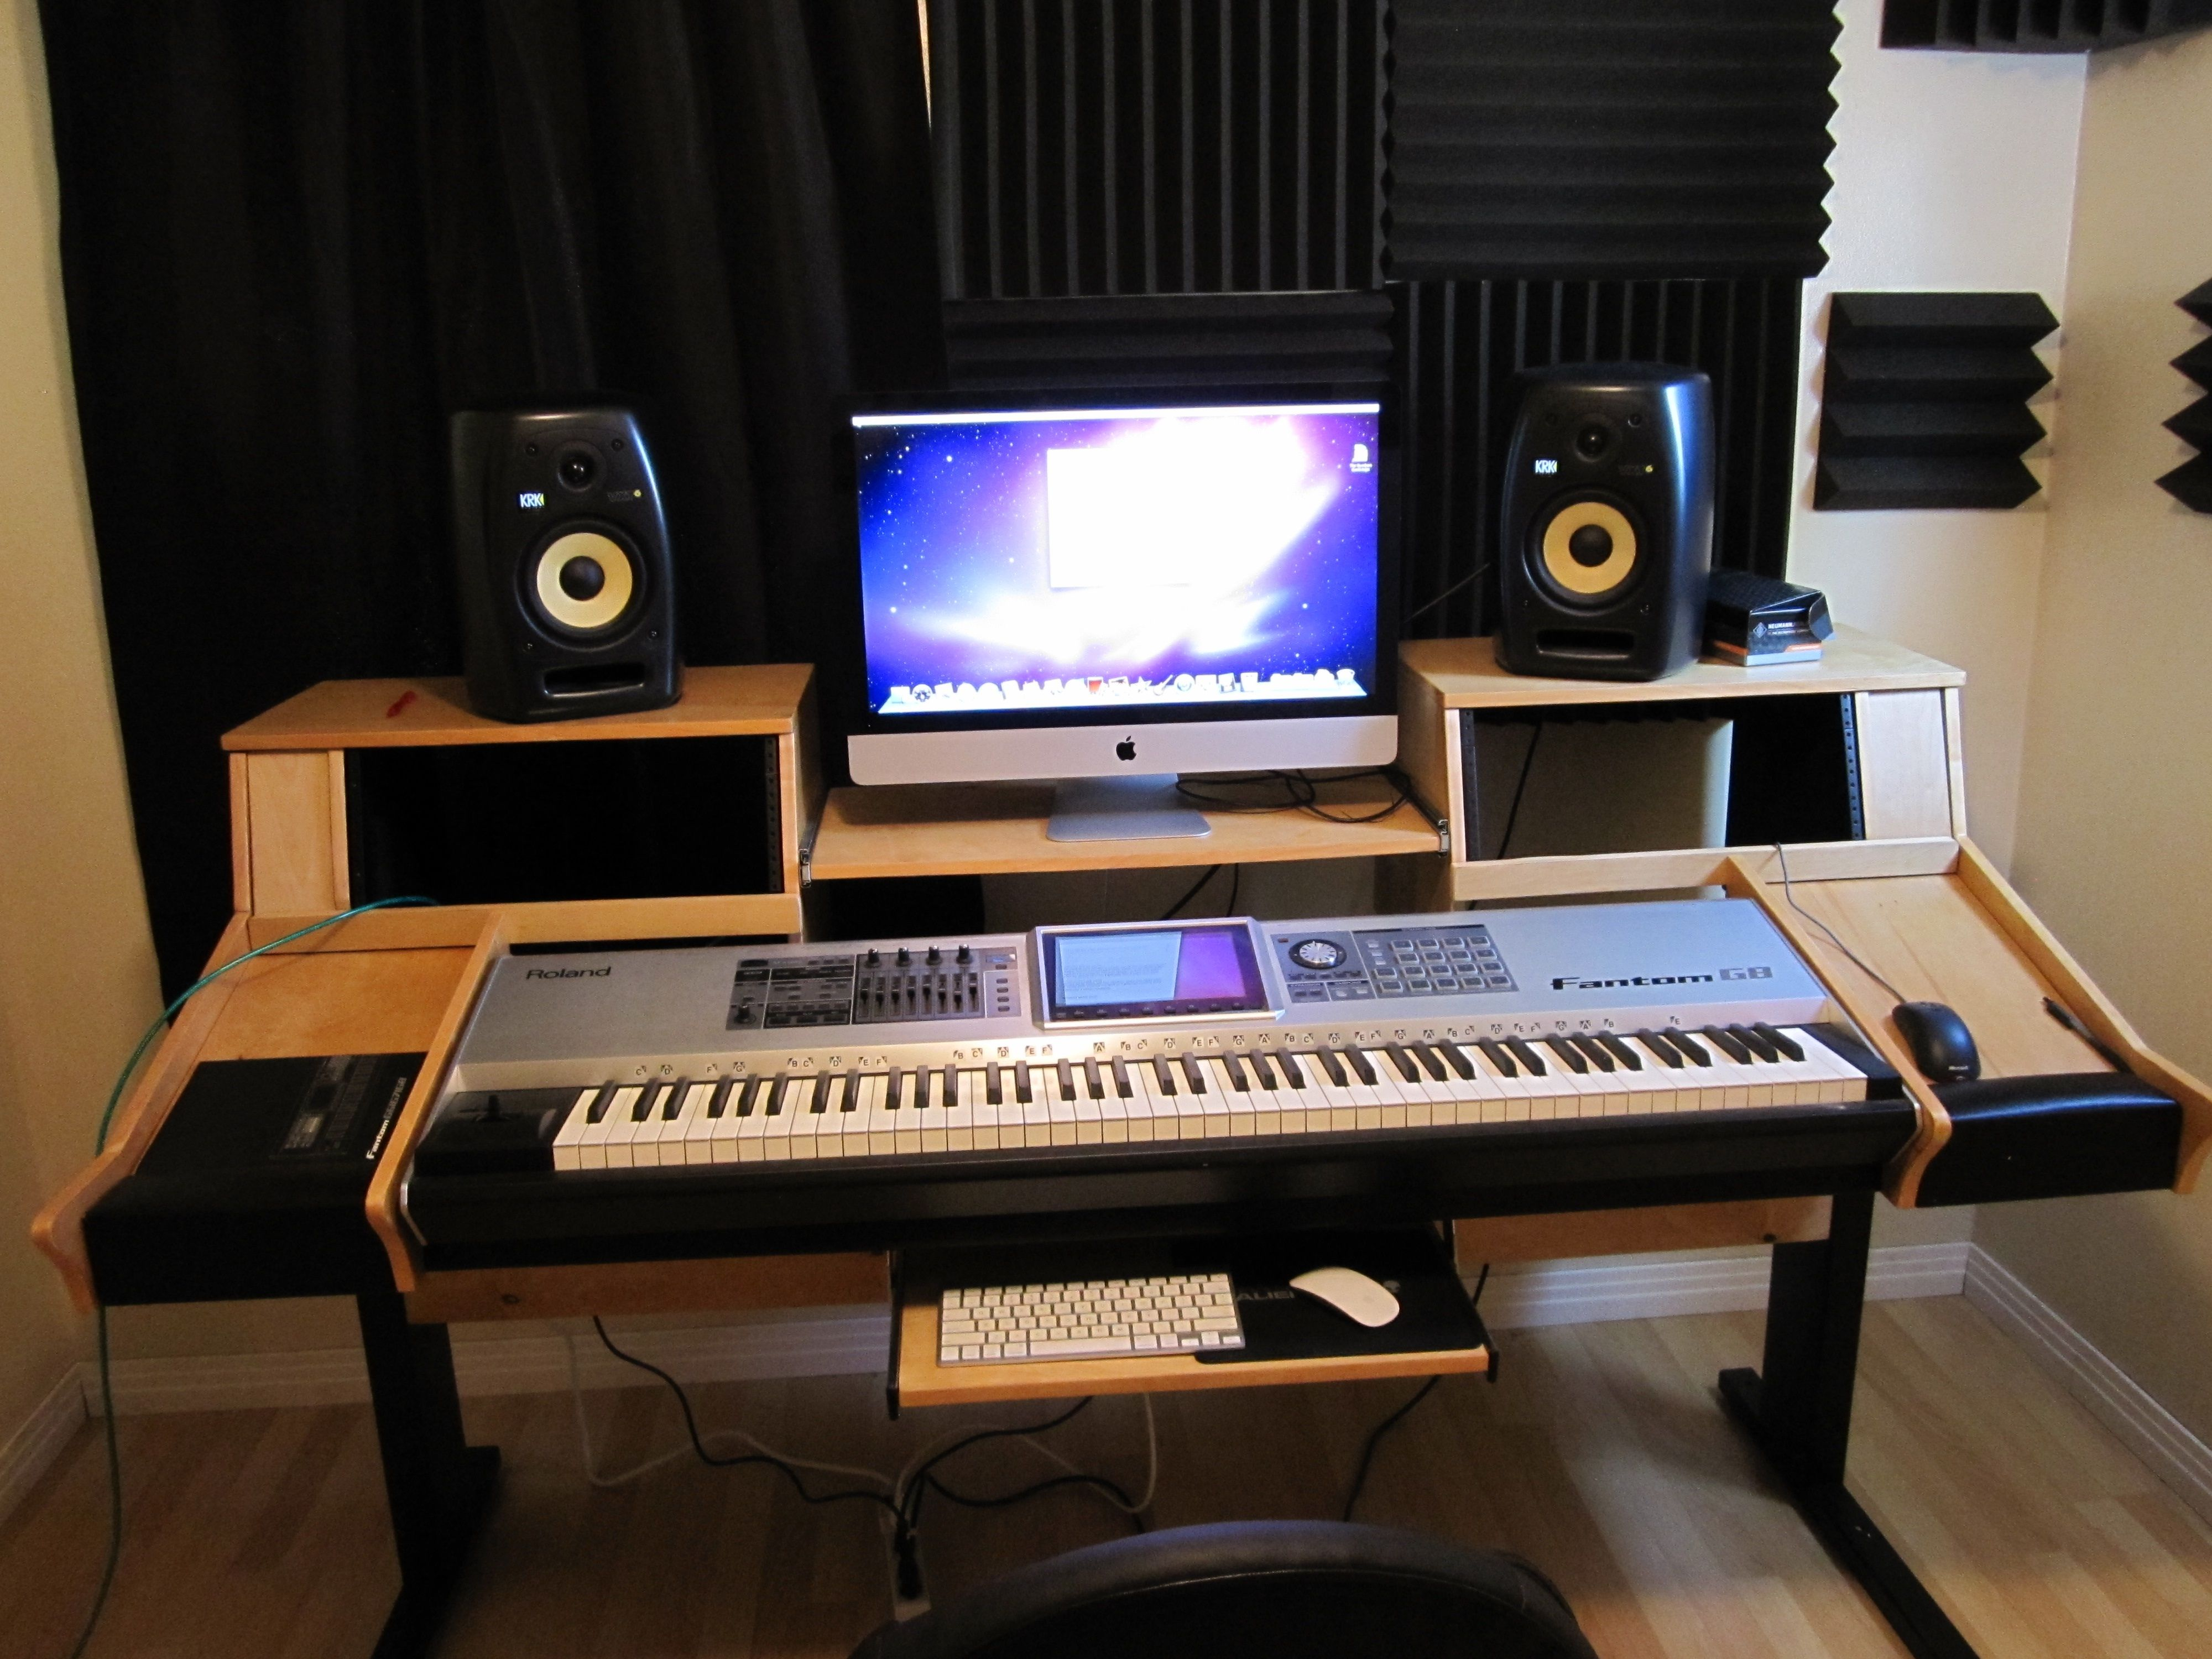 MUSIC STUDIO COMPUTER - Google Search | Recording studio ...